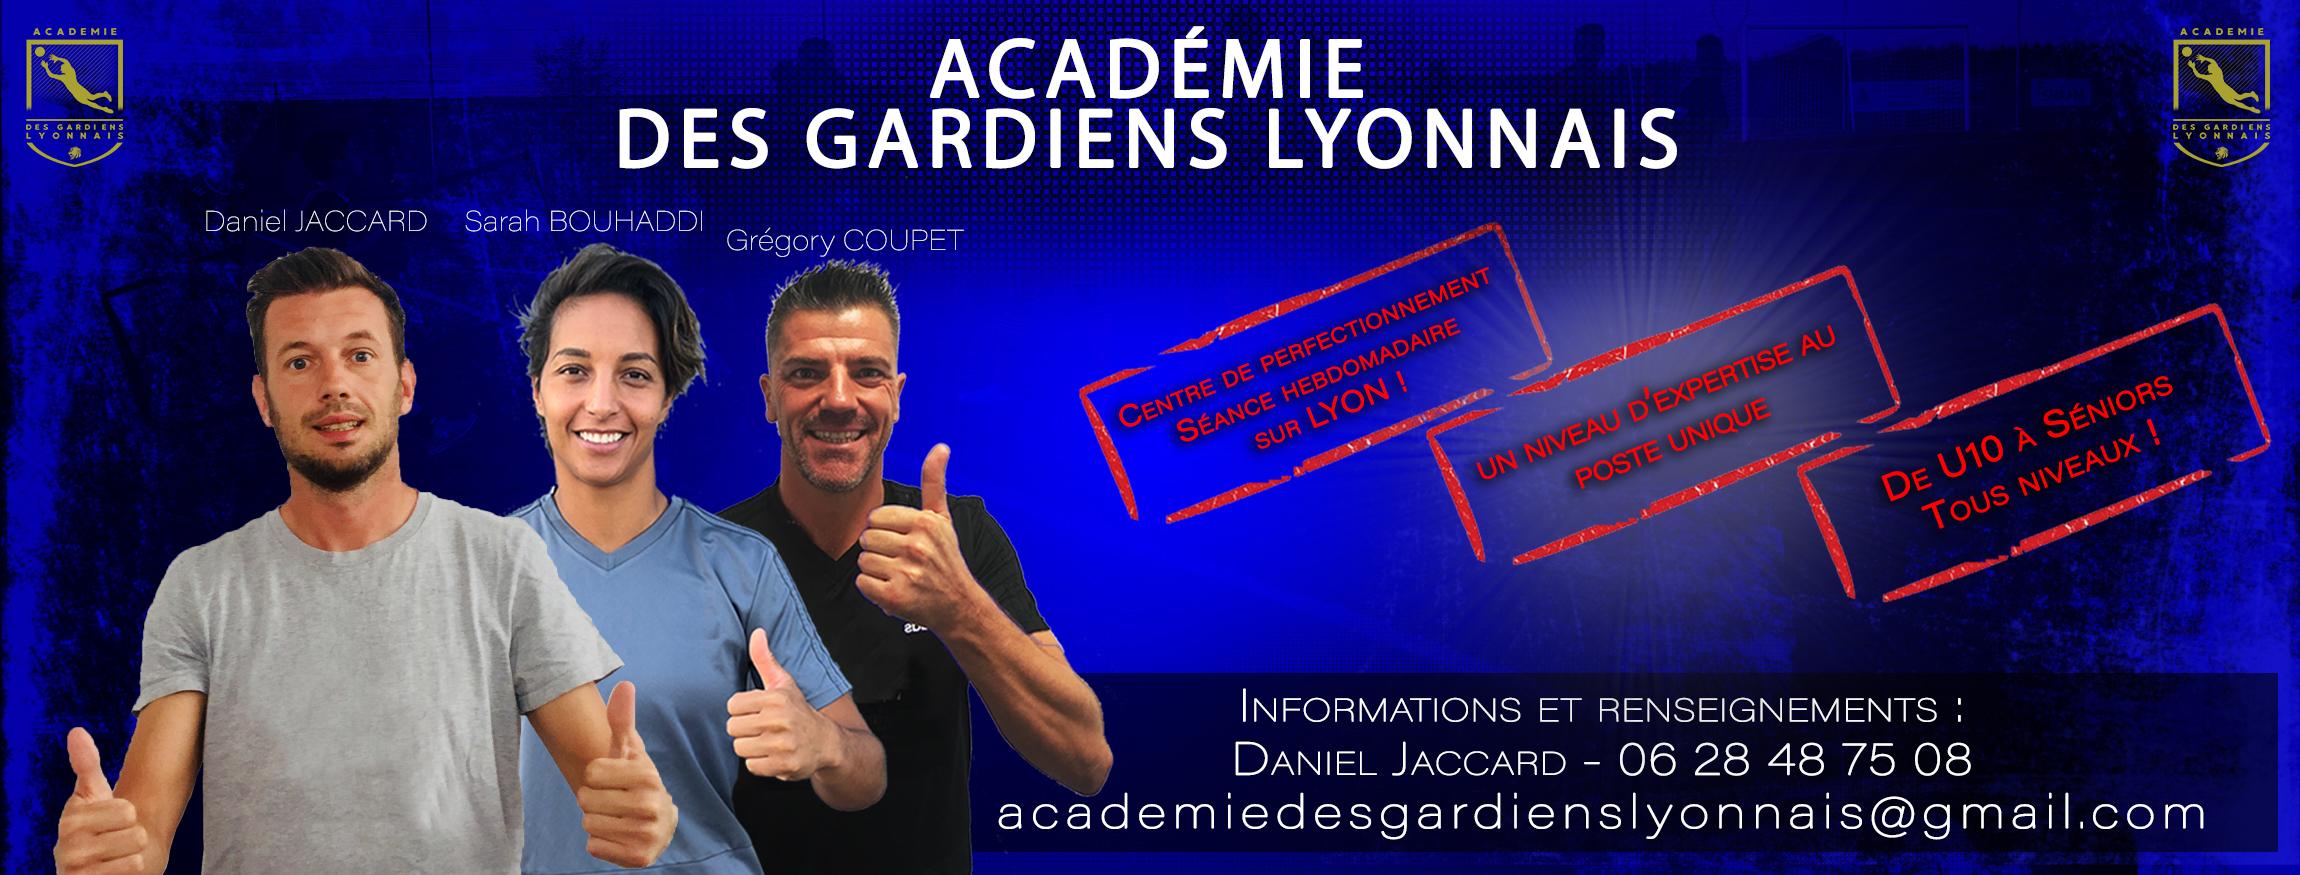 ÉVÉNEMENT - Daniel JACCARD lance l'ACADÉMIE des GARDIENS lyonnais